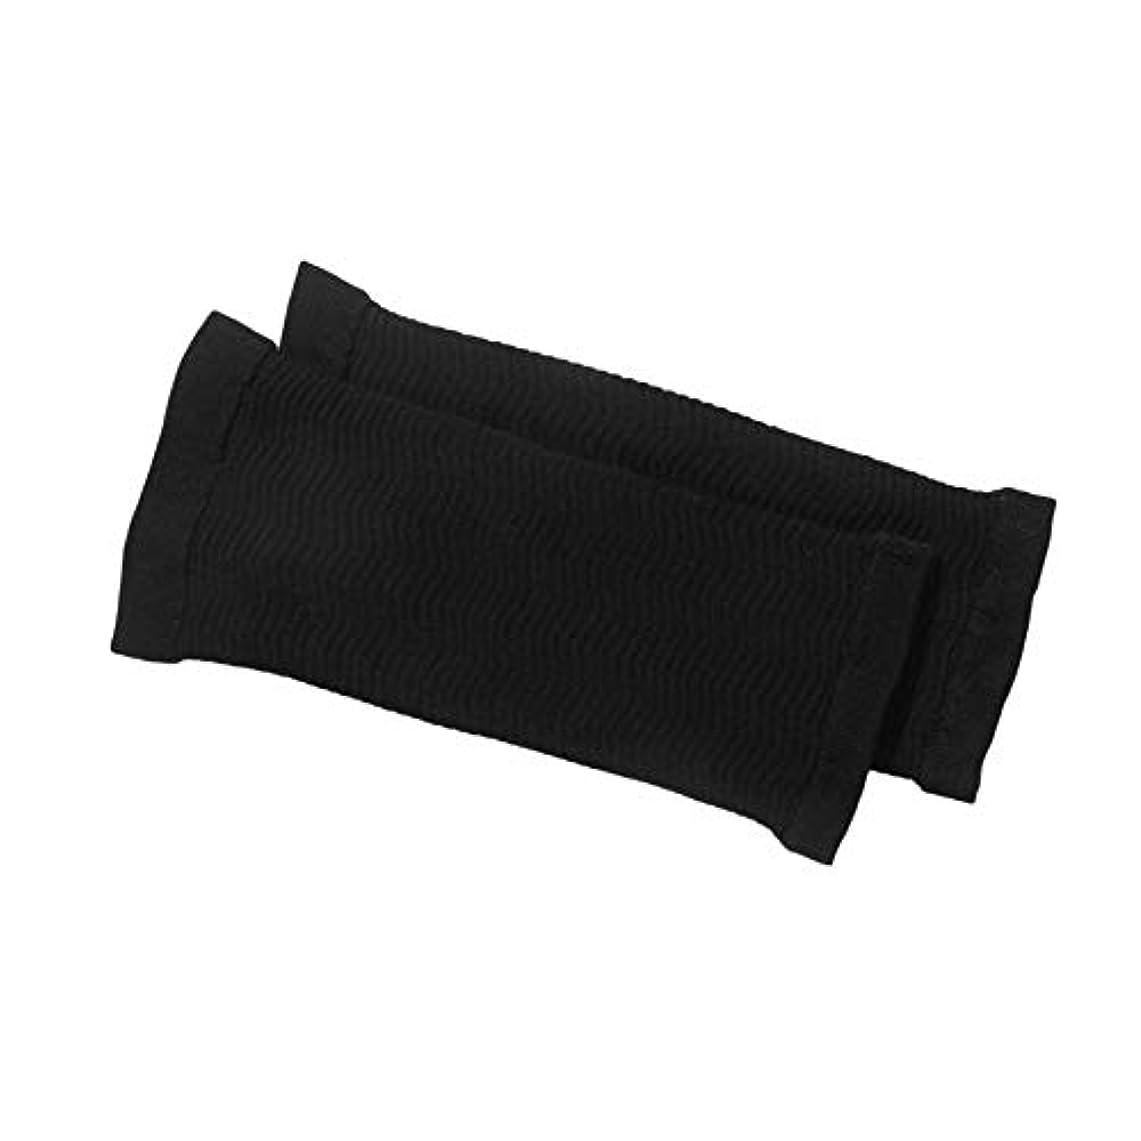 一致事前悪性の1ペア420 d圧縮痩身アームスリーブワークアウトトーニングバーンセルライトシェイパー脂肪燃焼袖用女性(Color:black)